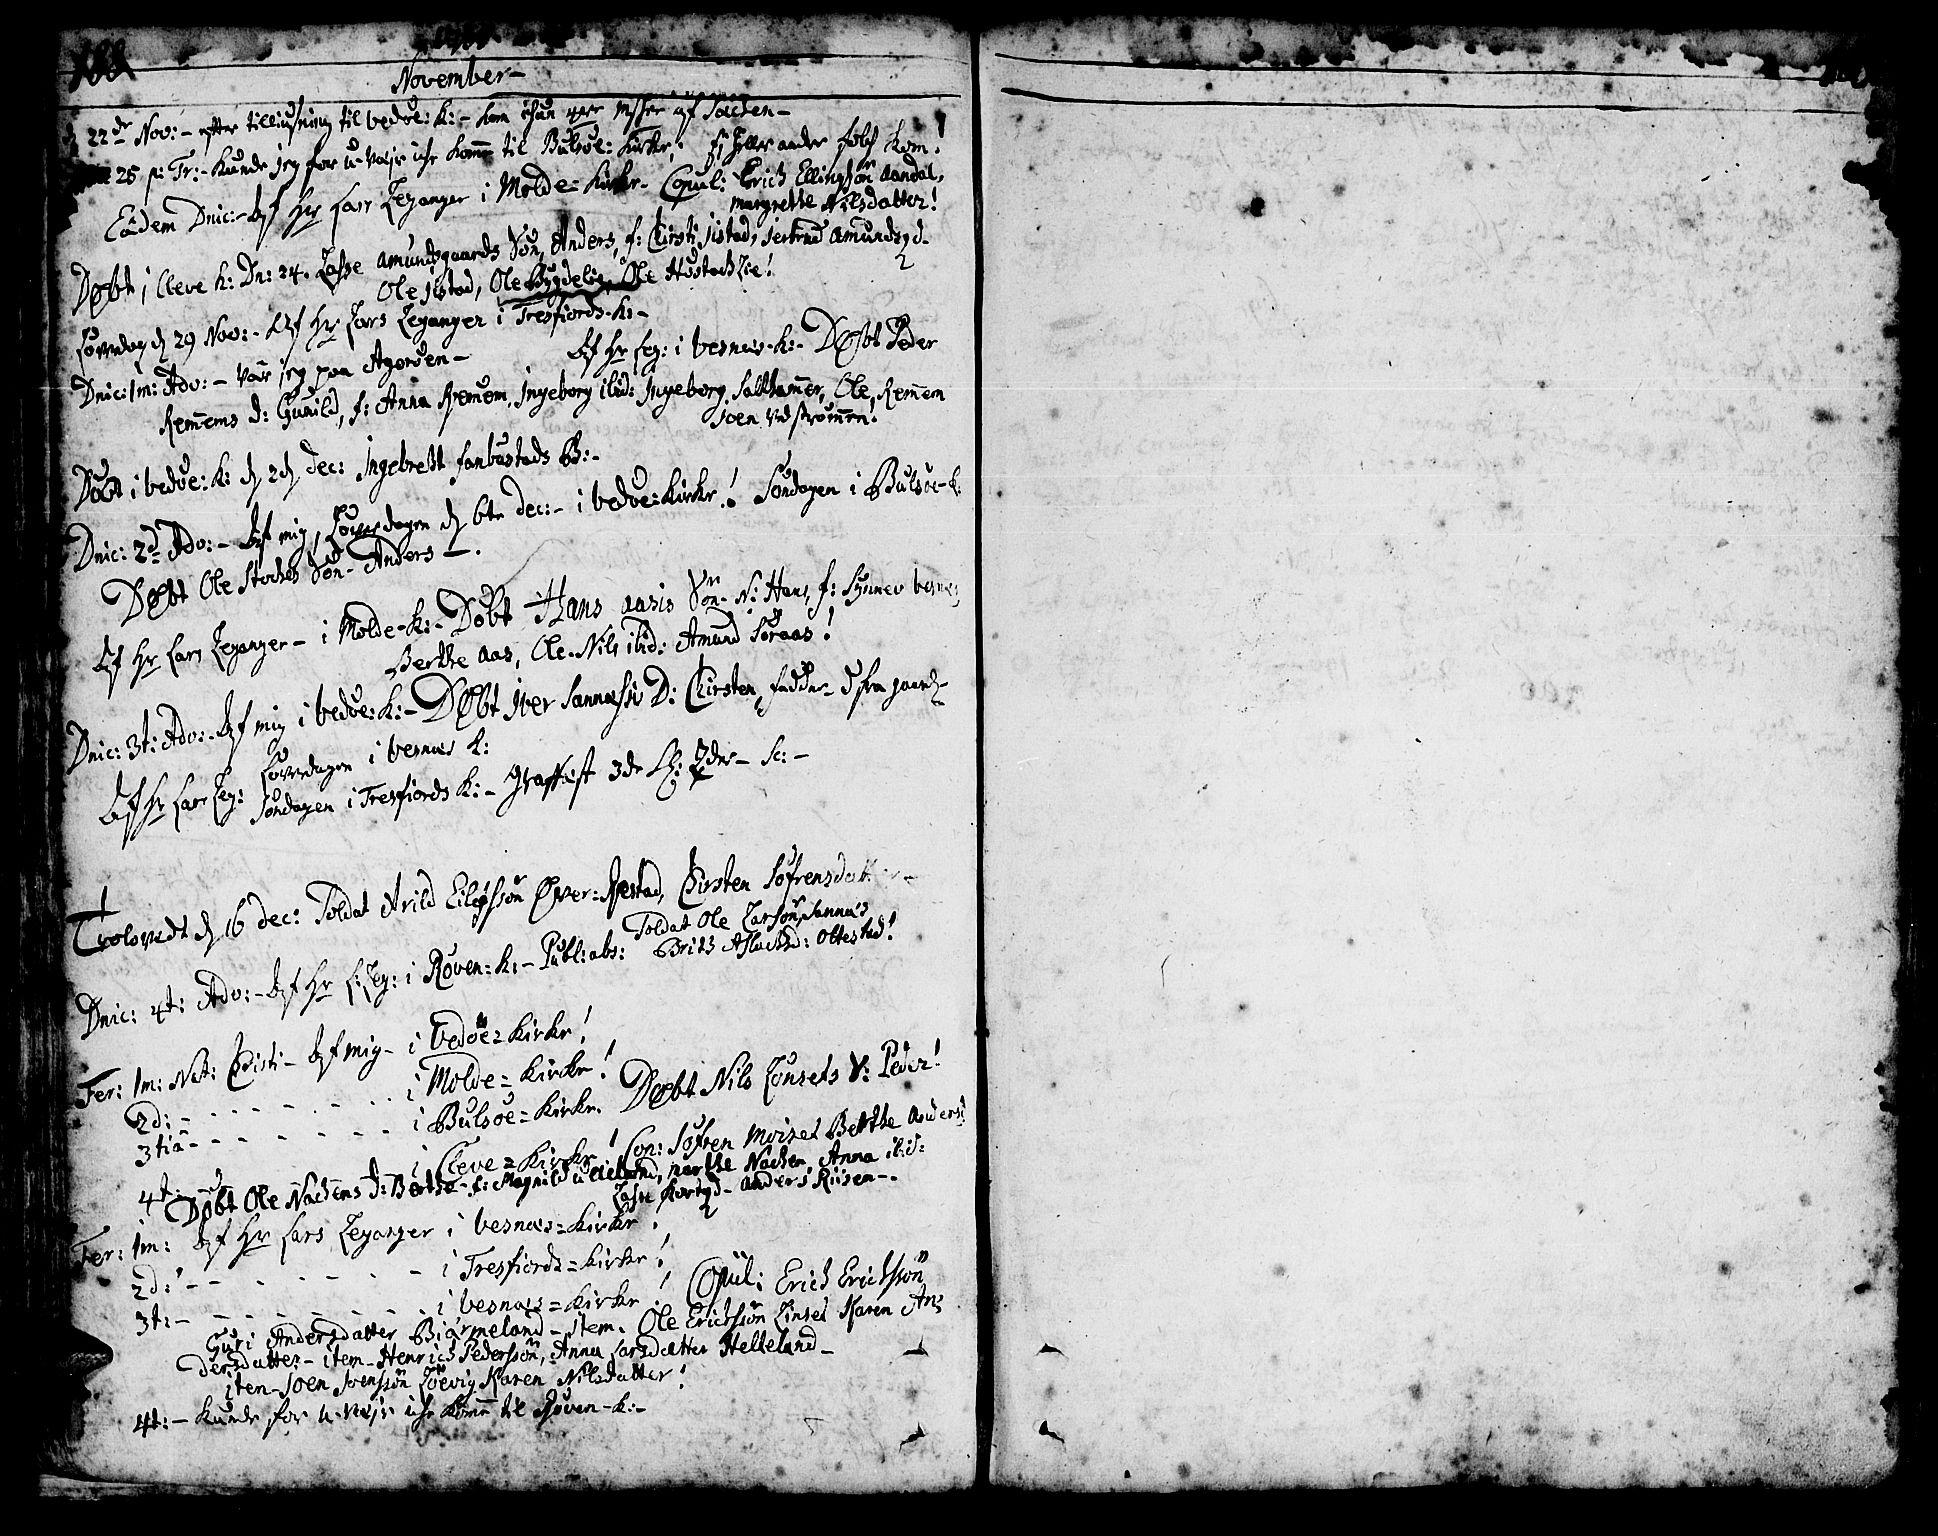 SAT, Ministerialprotokoller, klokkerbøker og fødselsregistre - Møre og Romsdal, 547/L0599: Ministerialbok nr. 547A01, 1721-1764, s. 190-191